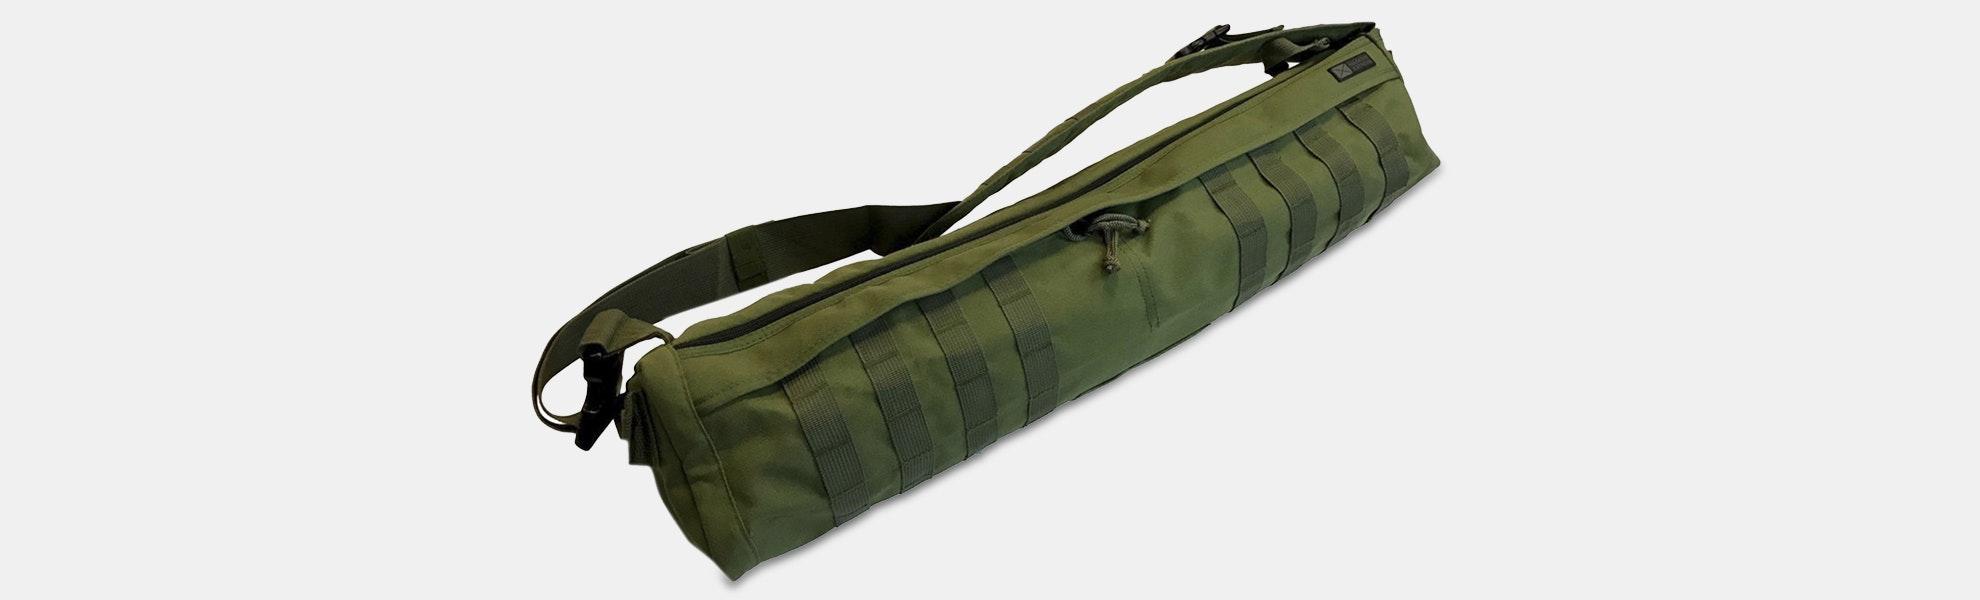 Maratac Sat-com Bag XL